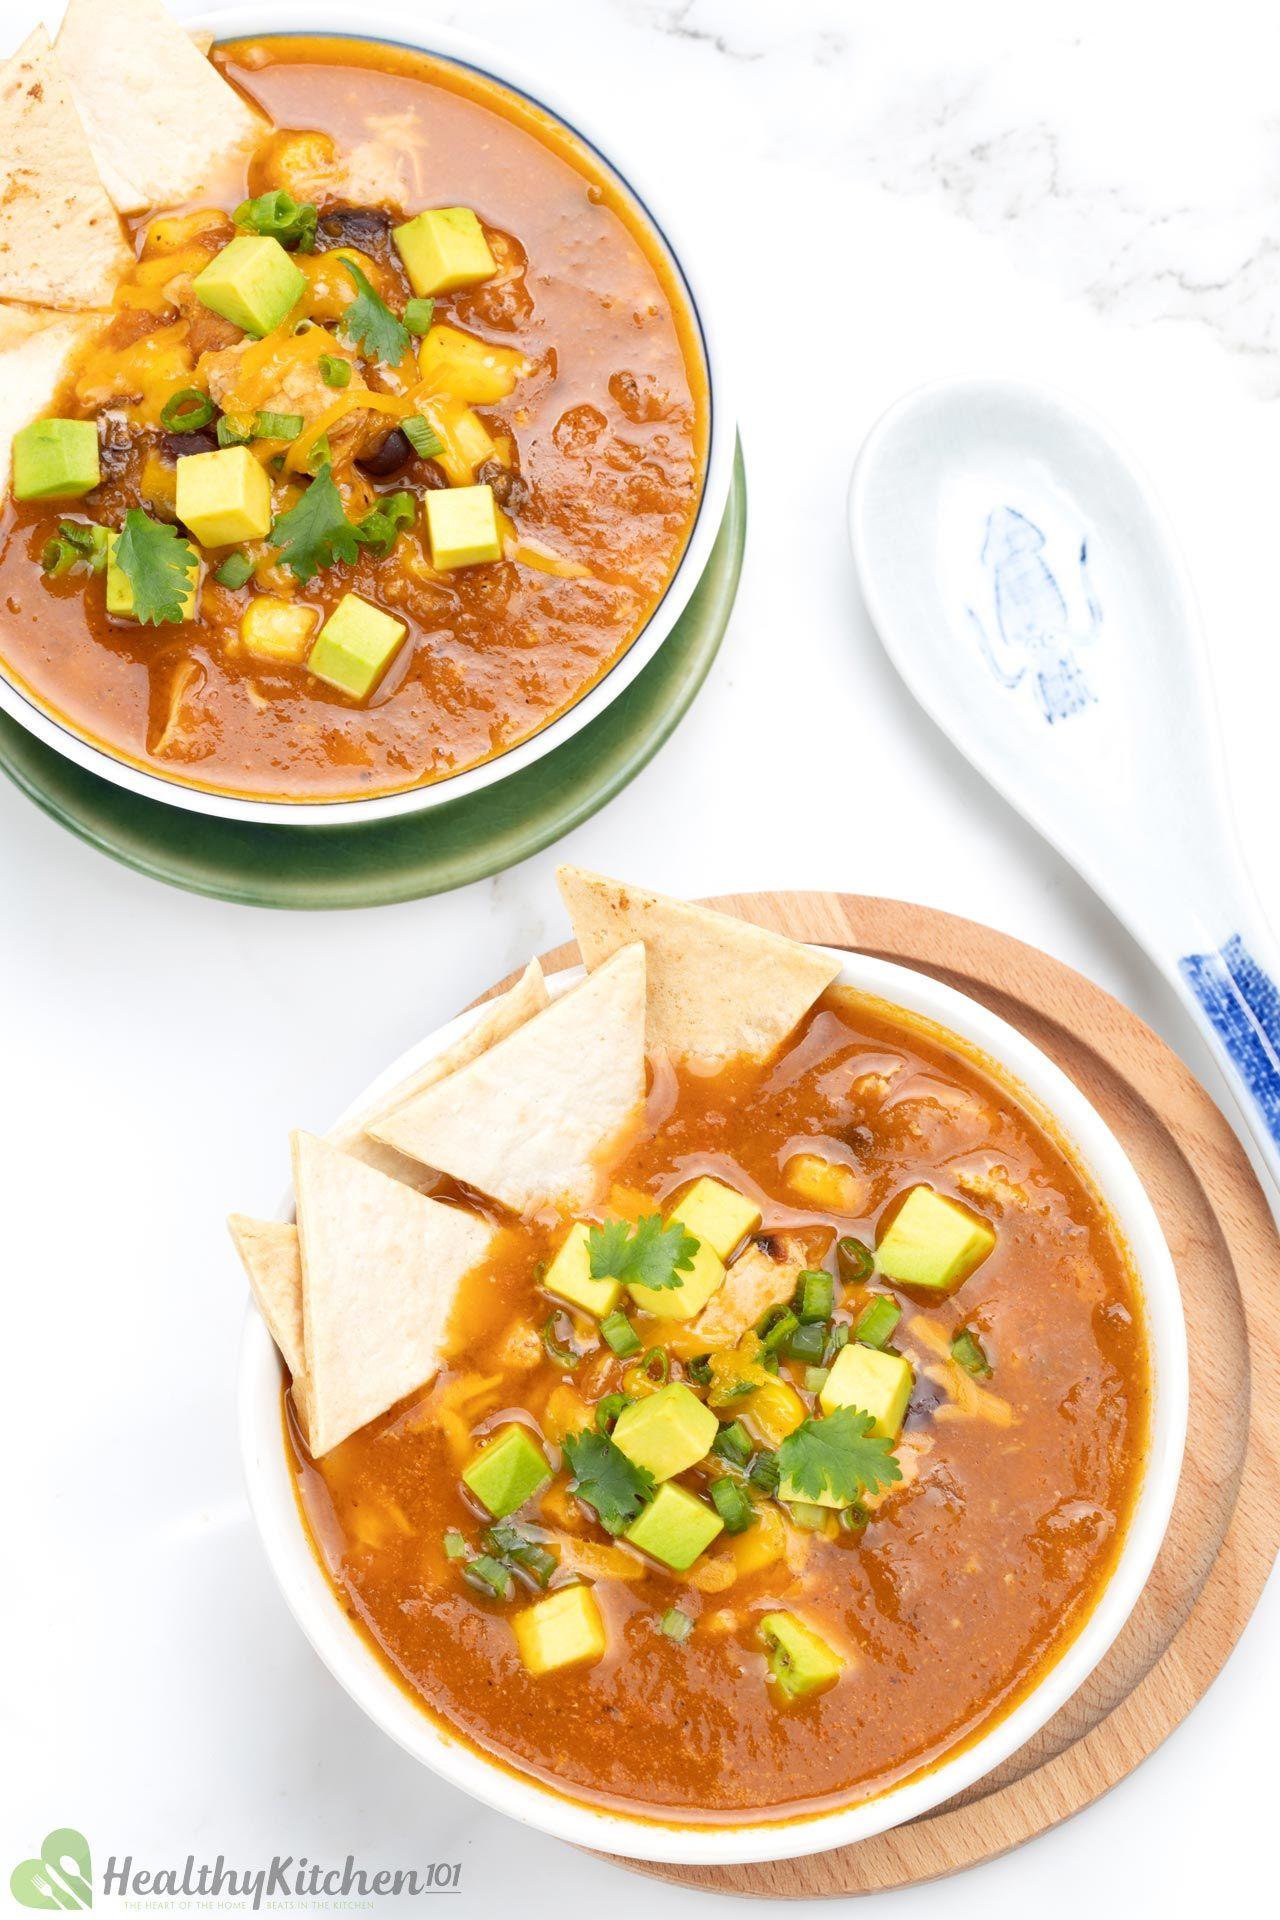 Is Chicken Tortilla Soup Healthy